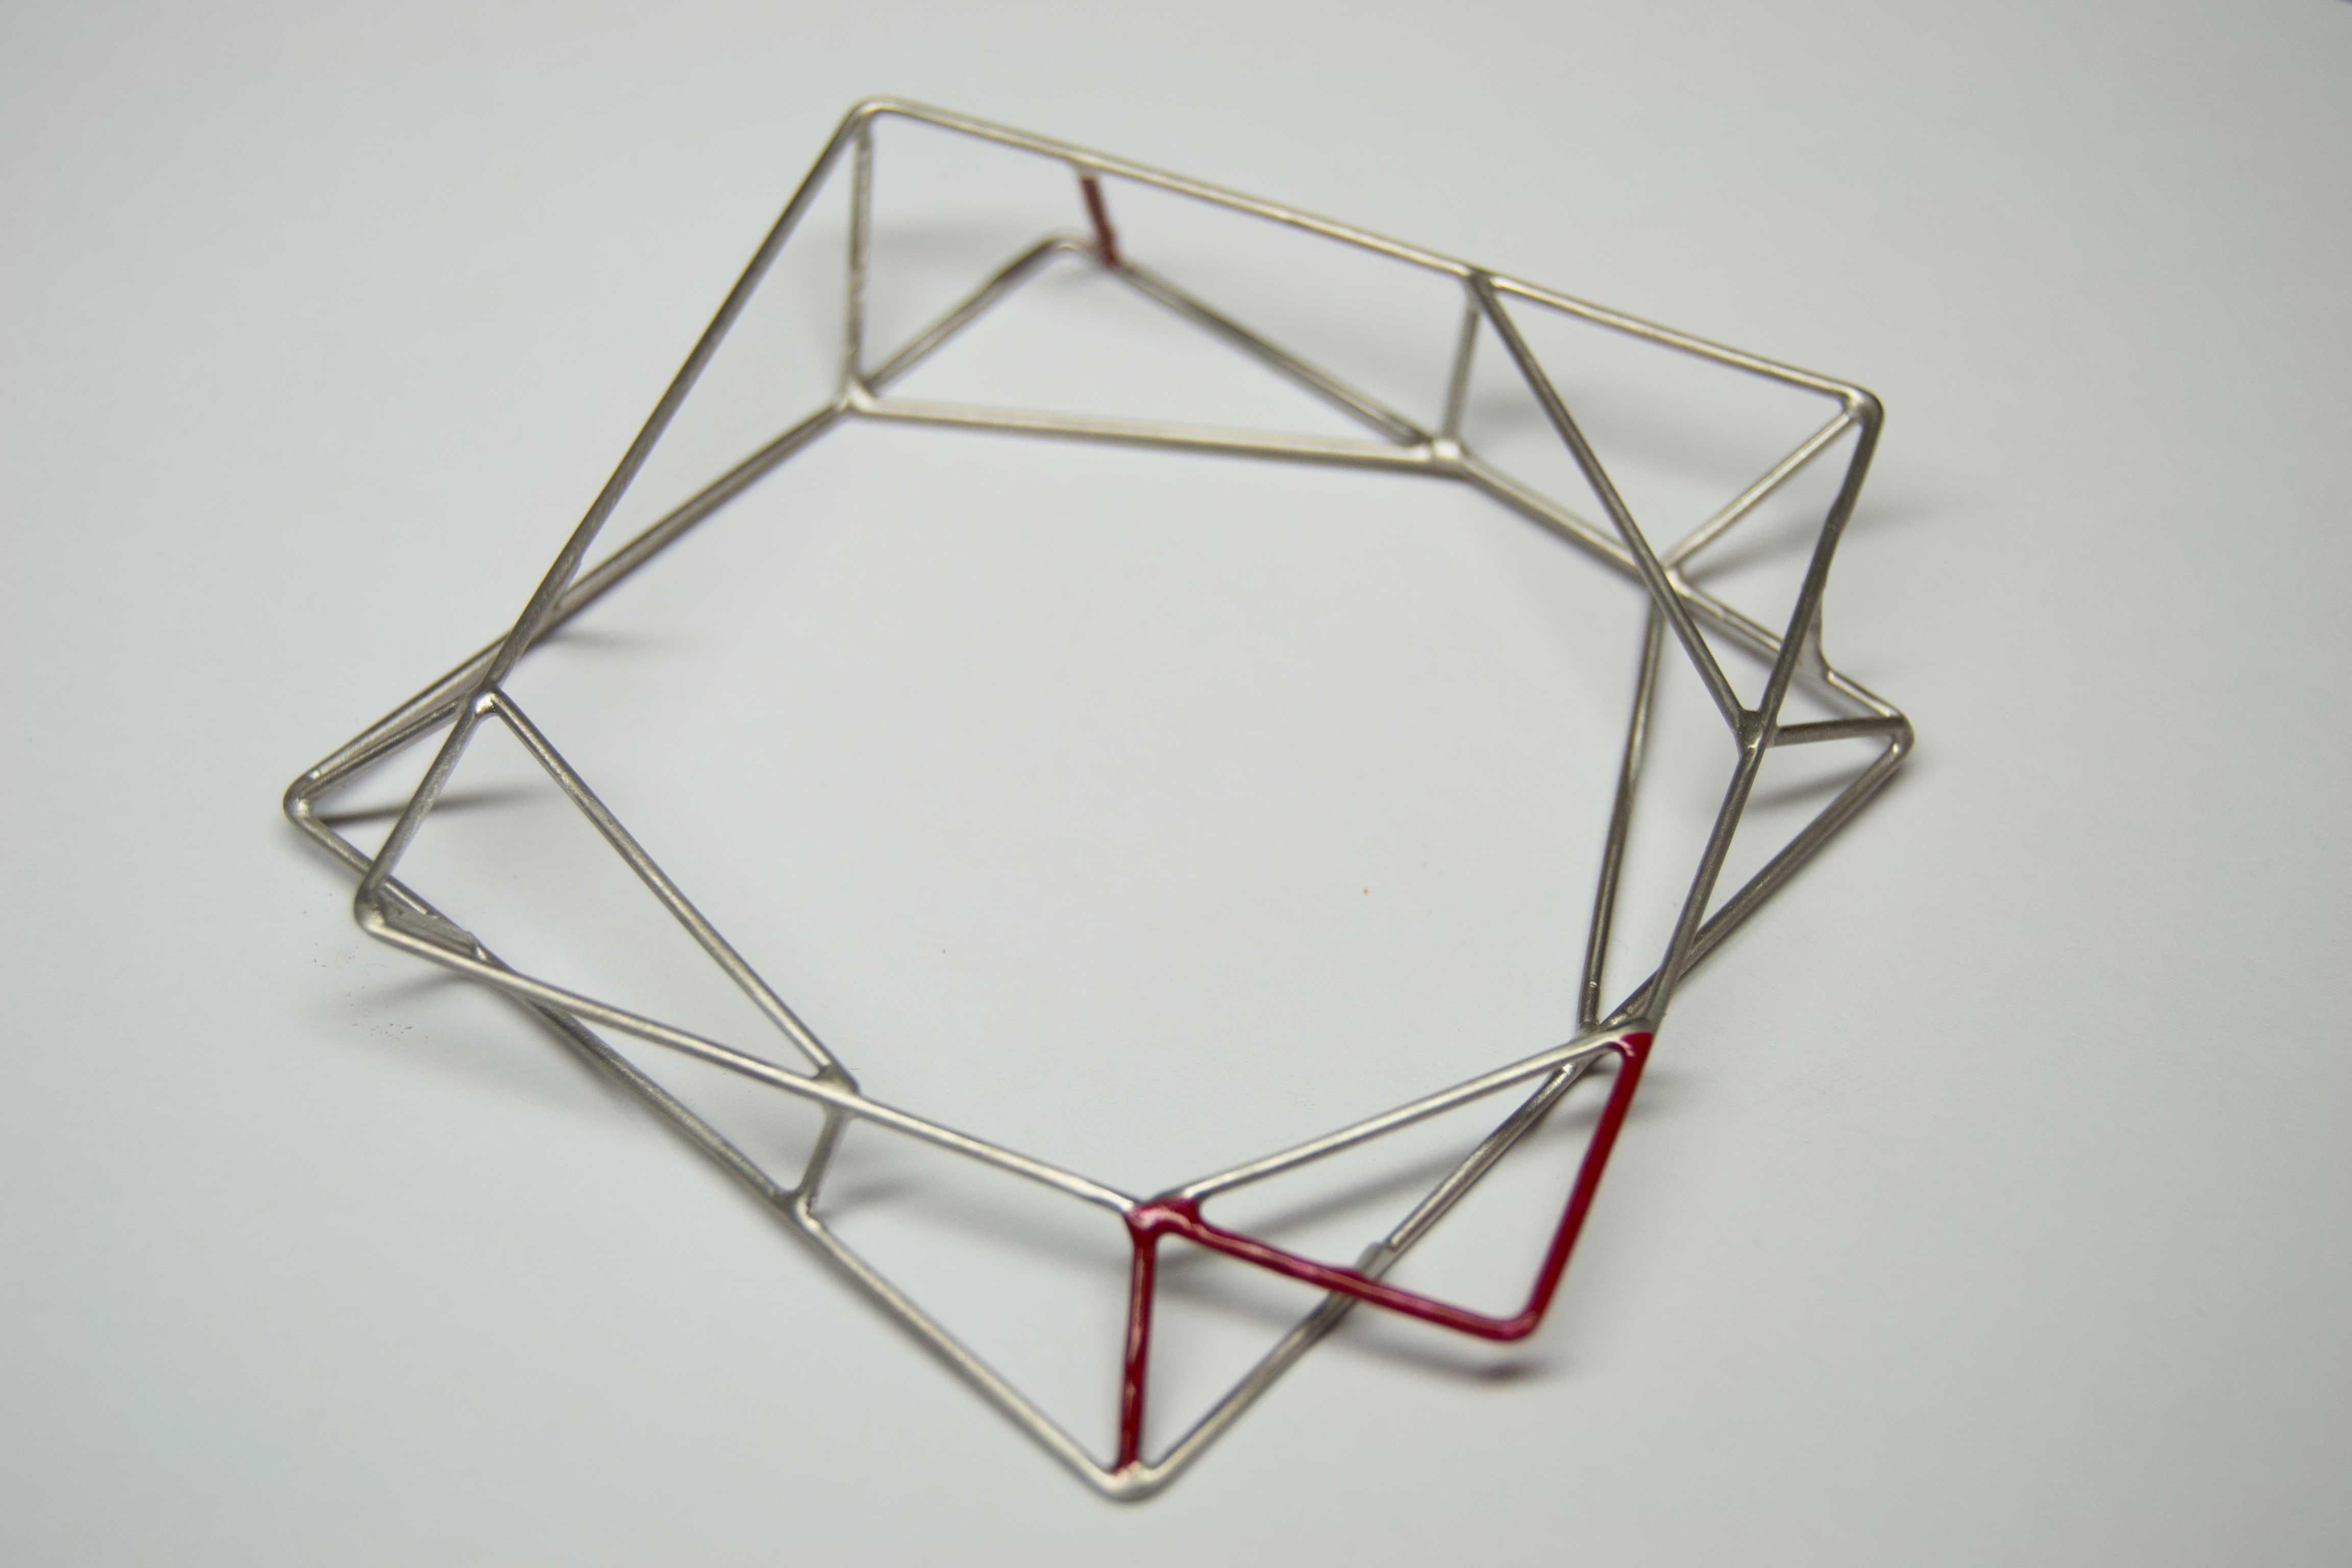 Geometrici Incontri 2016 bracciale argento e pittura acrilica